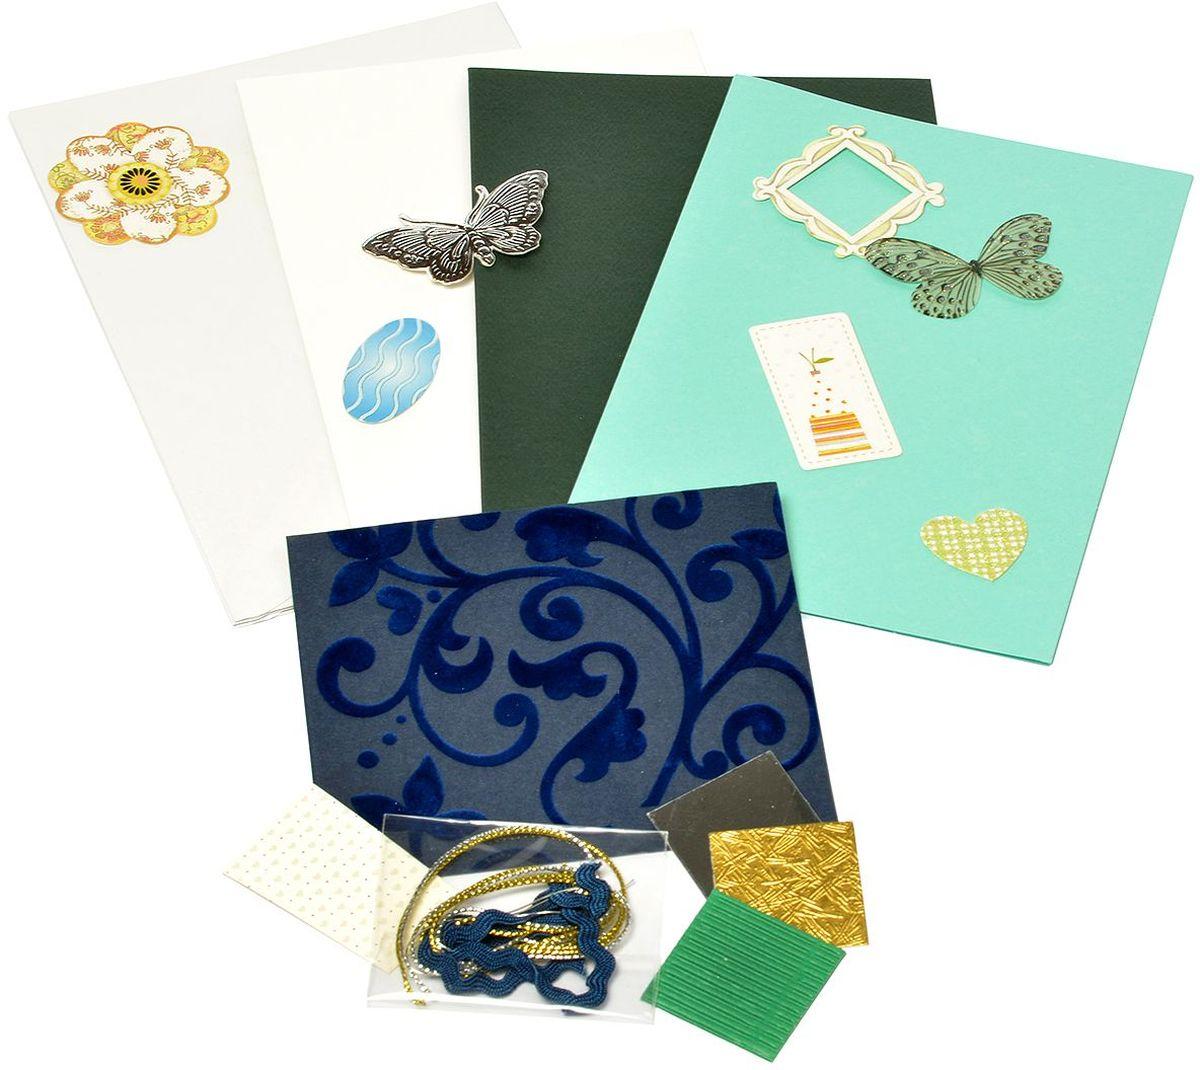 Набор для создания открыток Magic 4 Hobby MG.DIY-3 №11 11,5x17 смMG.DIY-3.11